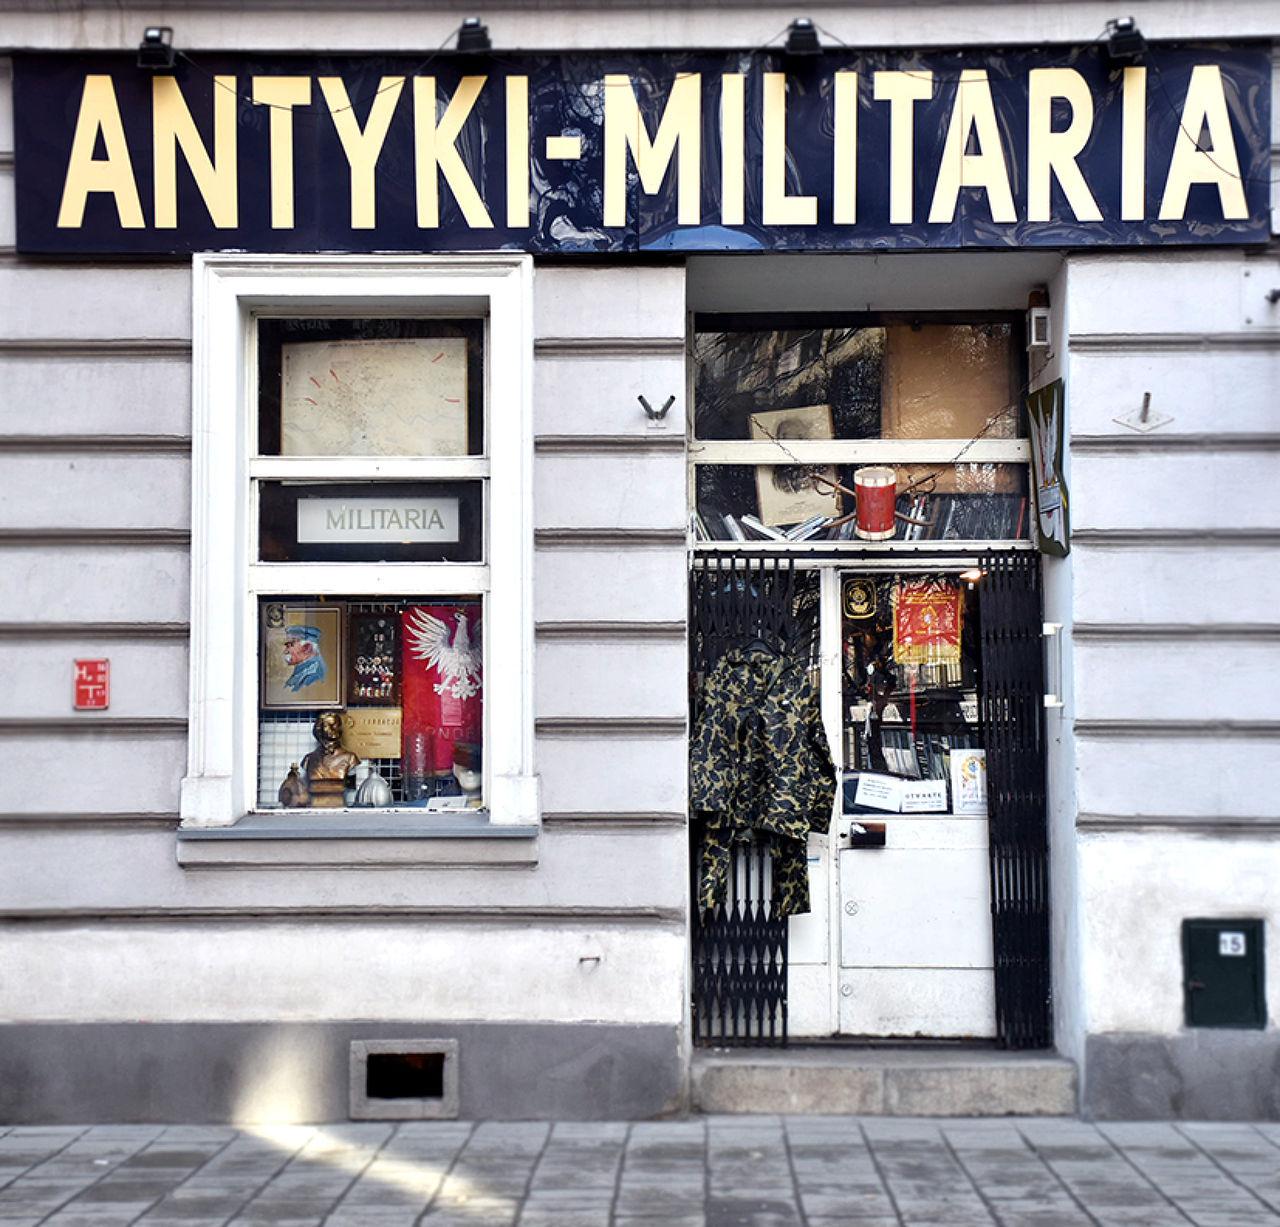 Photo 1 of Militaria - Antyki